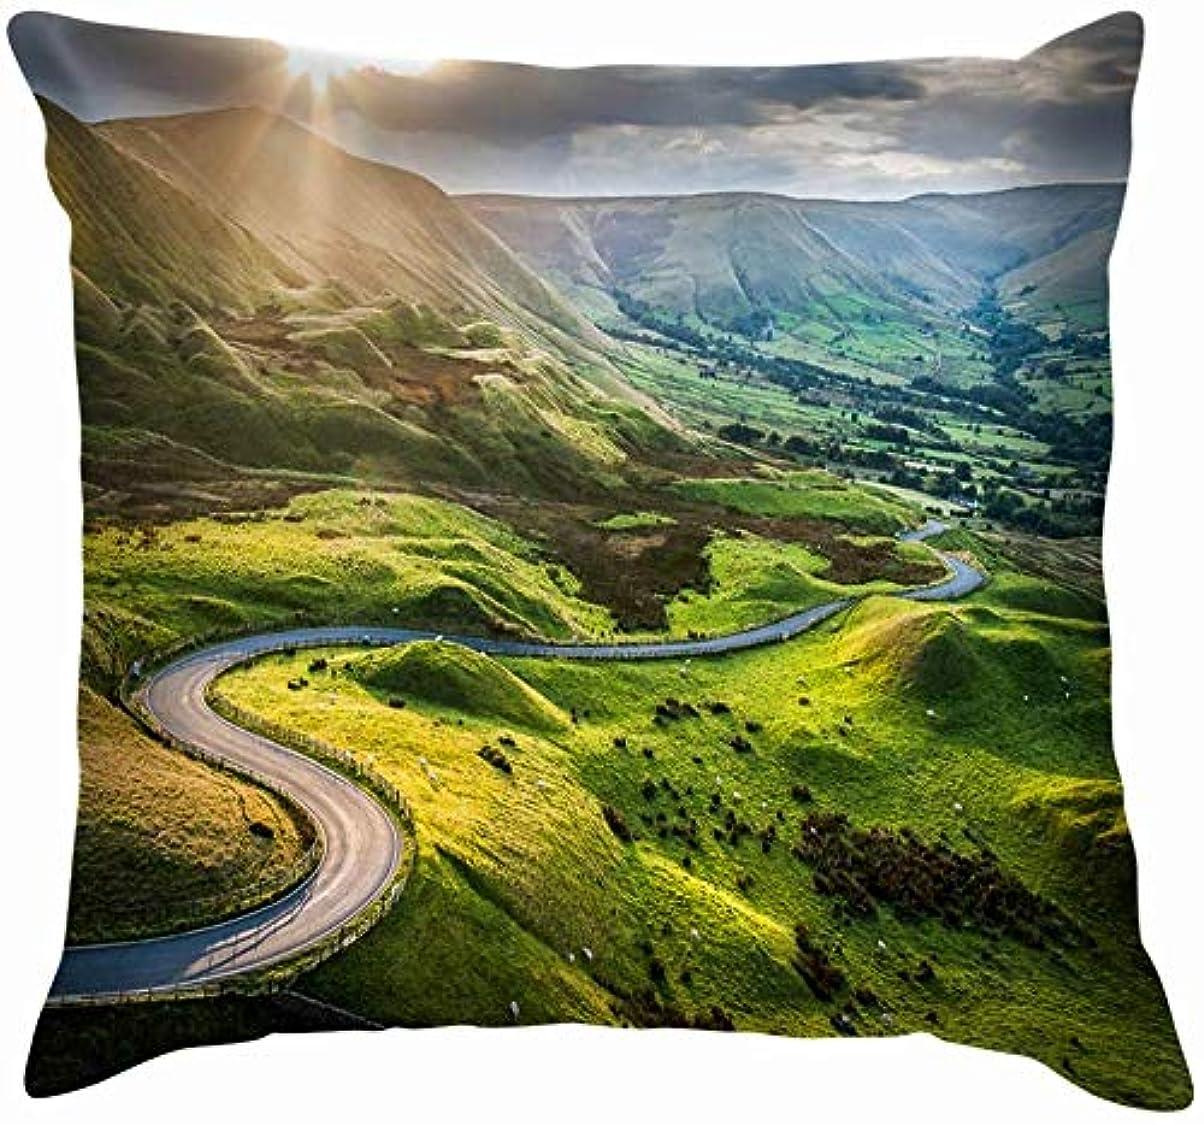 礼儀ネット付与Sunset Mam Tor Peak District National Road Nature Throw Pillows Covers Home Sofa Cushion Cover Pillowcase Gift 45x45 cm